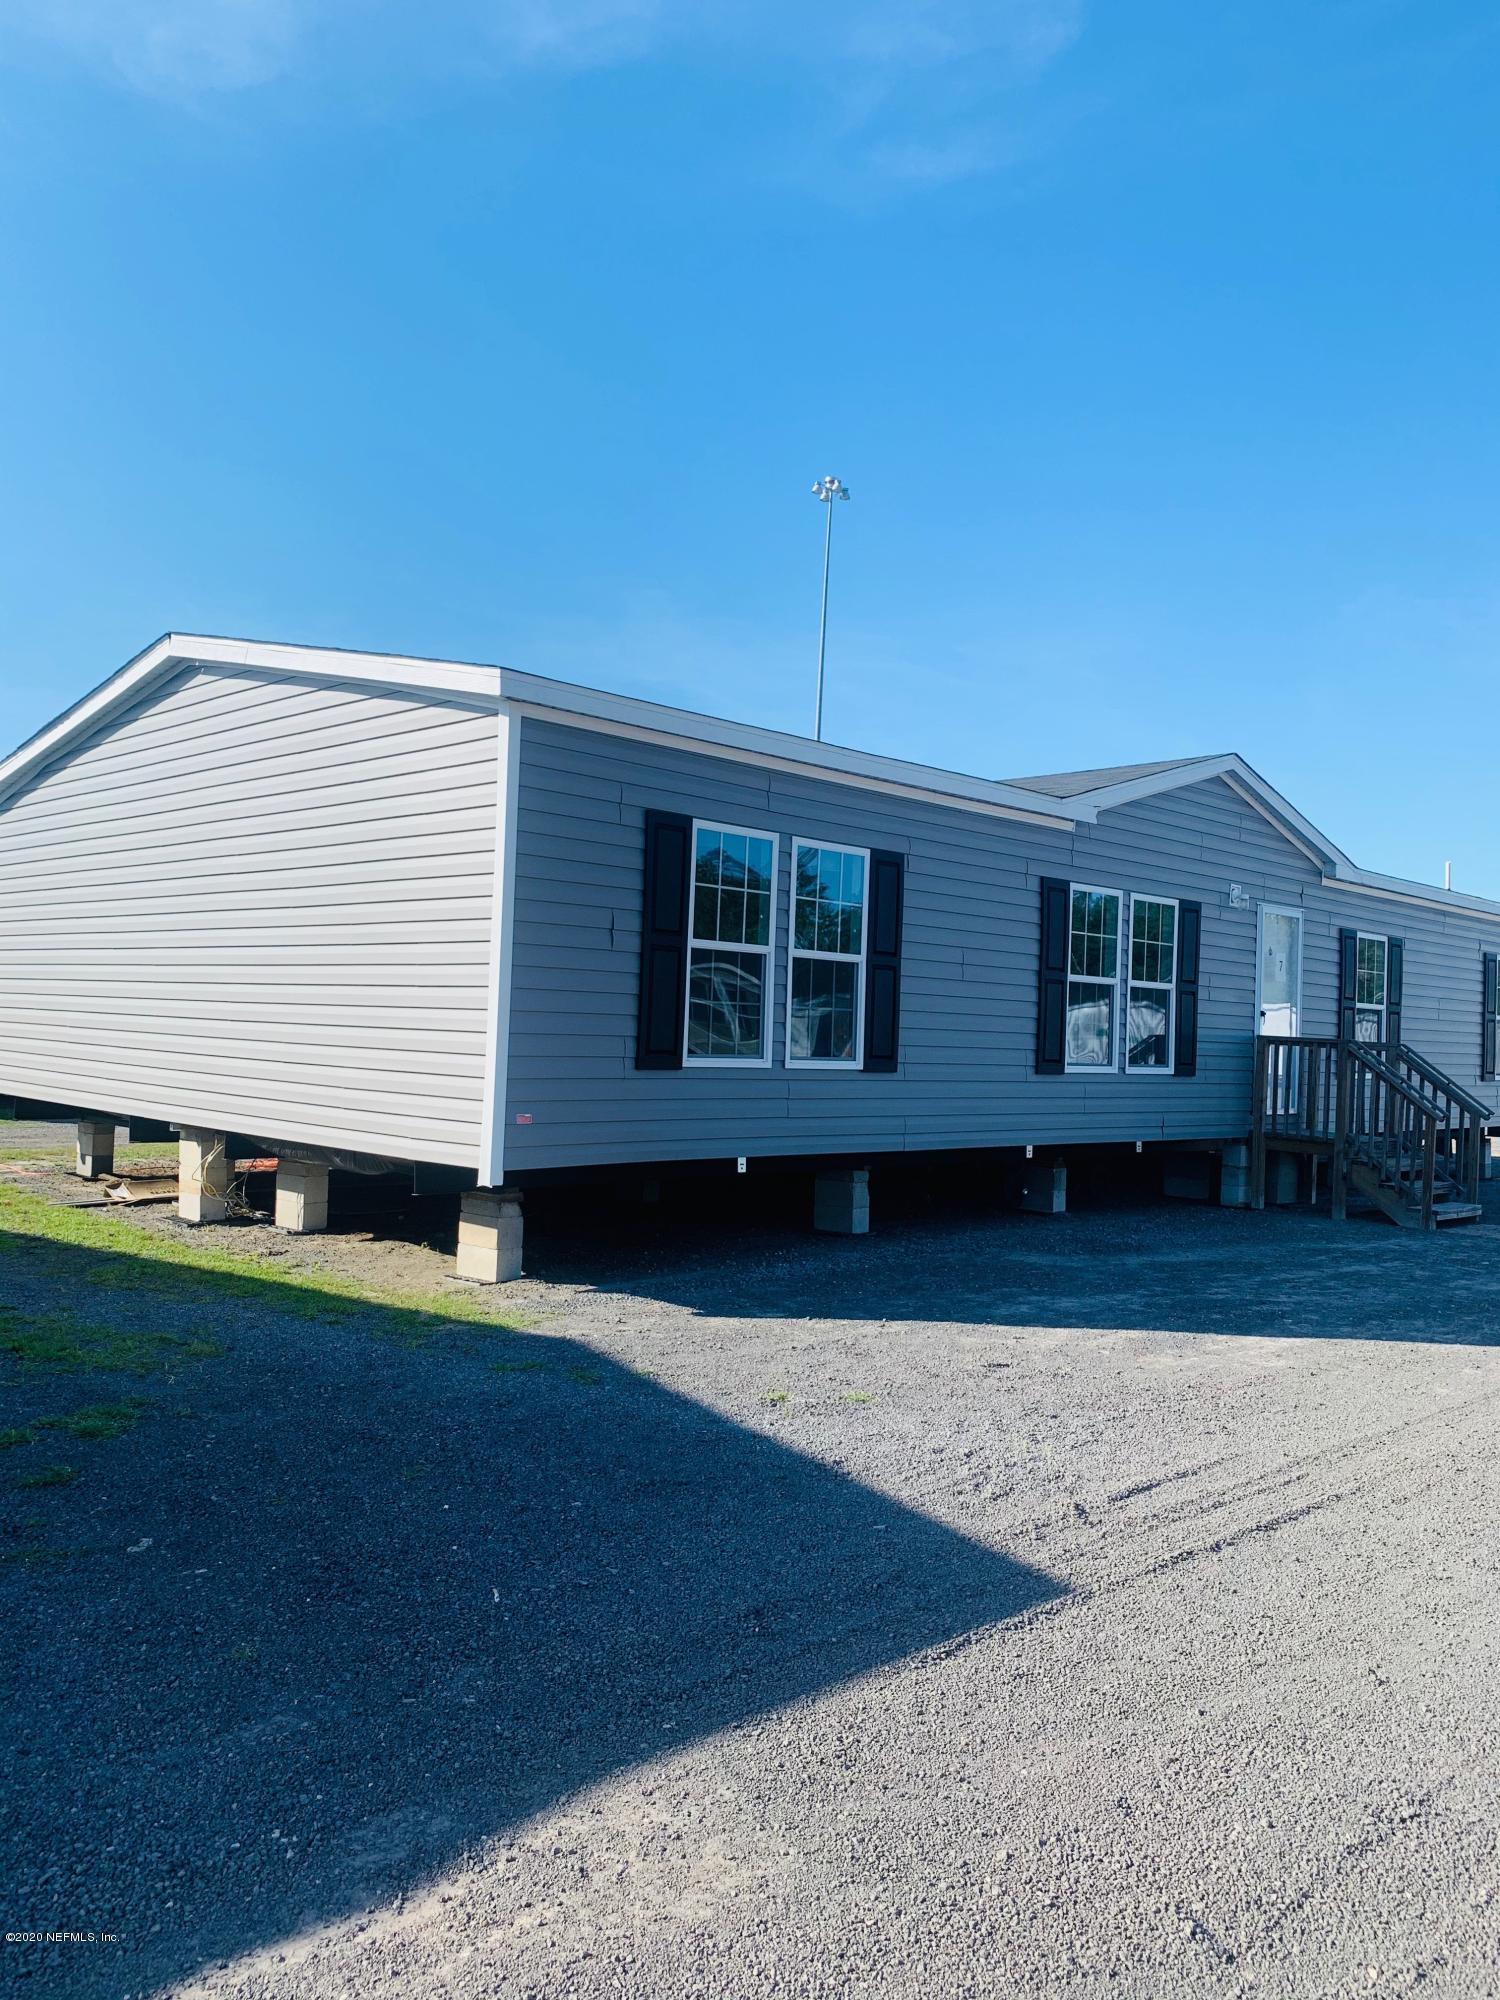 6817 UTSEY, JACKSONVILLE, FLORIDA 32219, 4 Bedrooms Bedrooms, ,2 BathroomsBathrooms,Residential,For sale,UTSEY,1050383